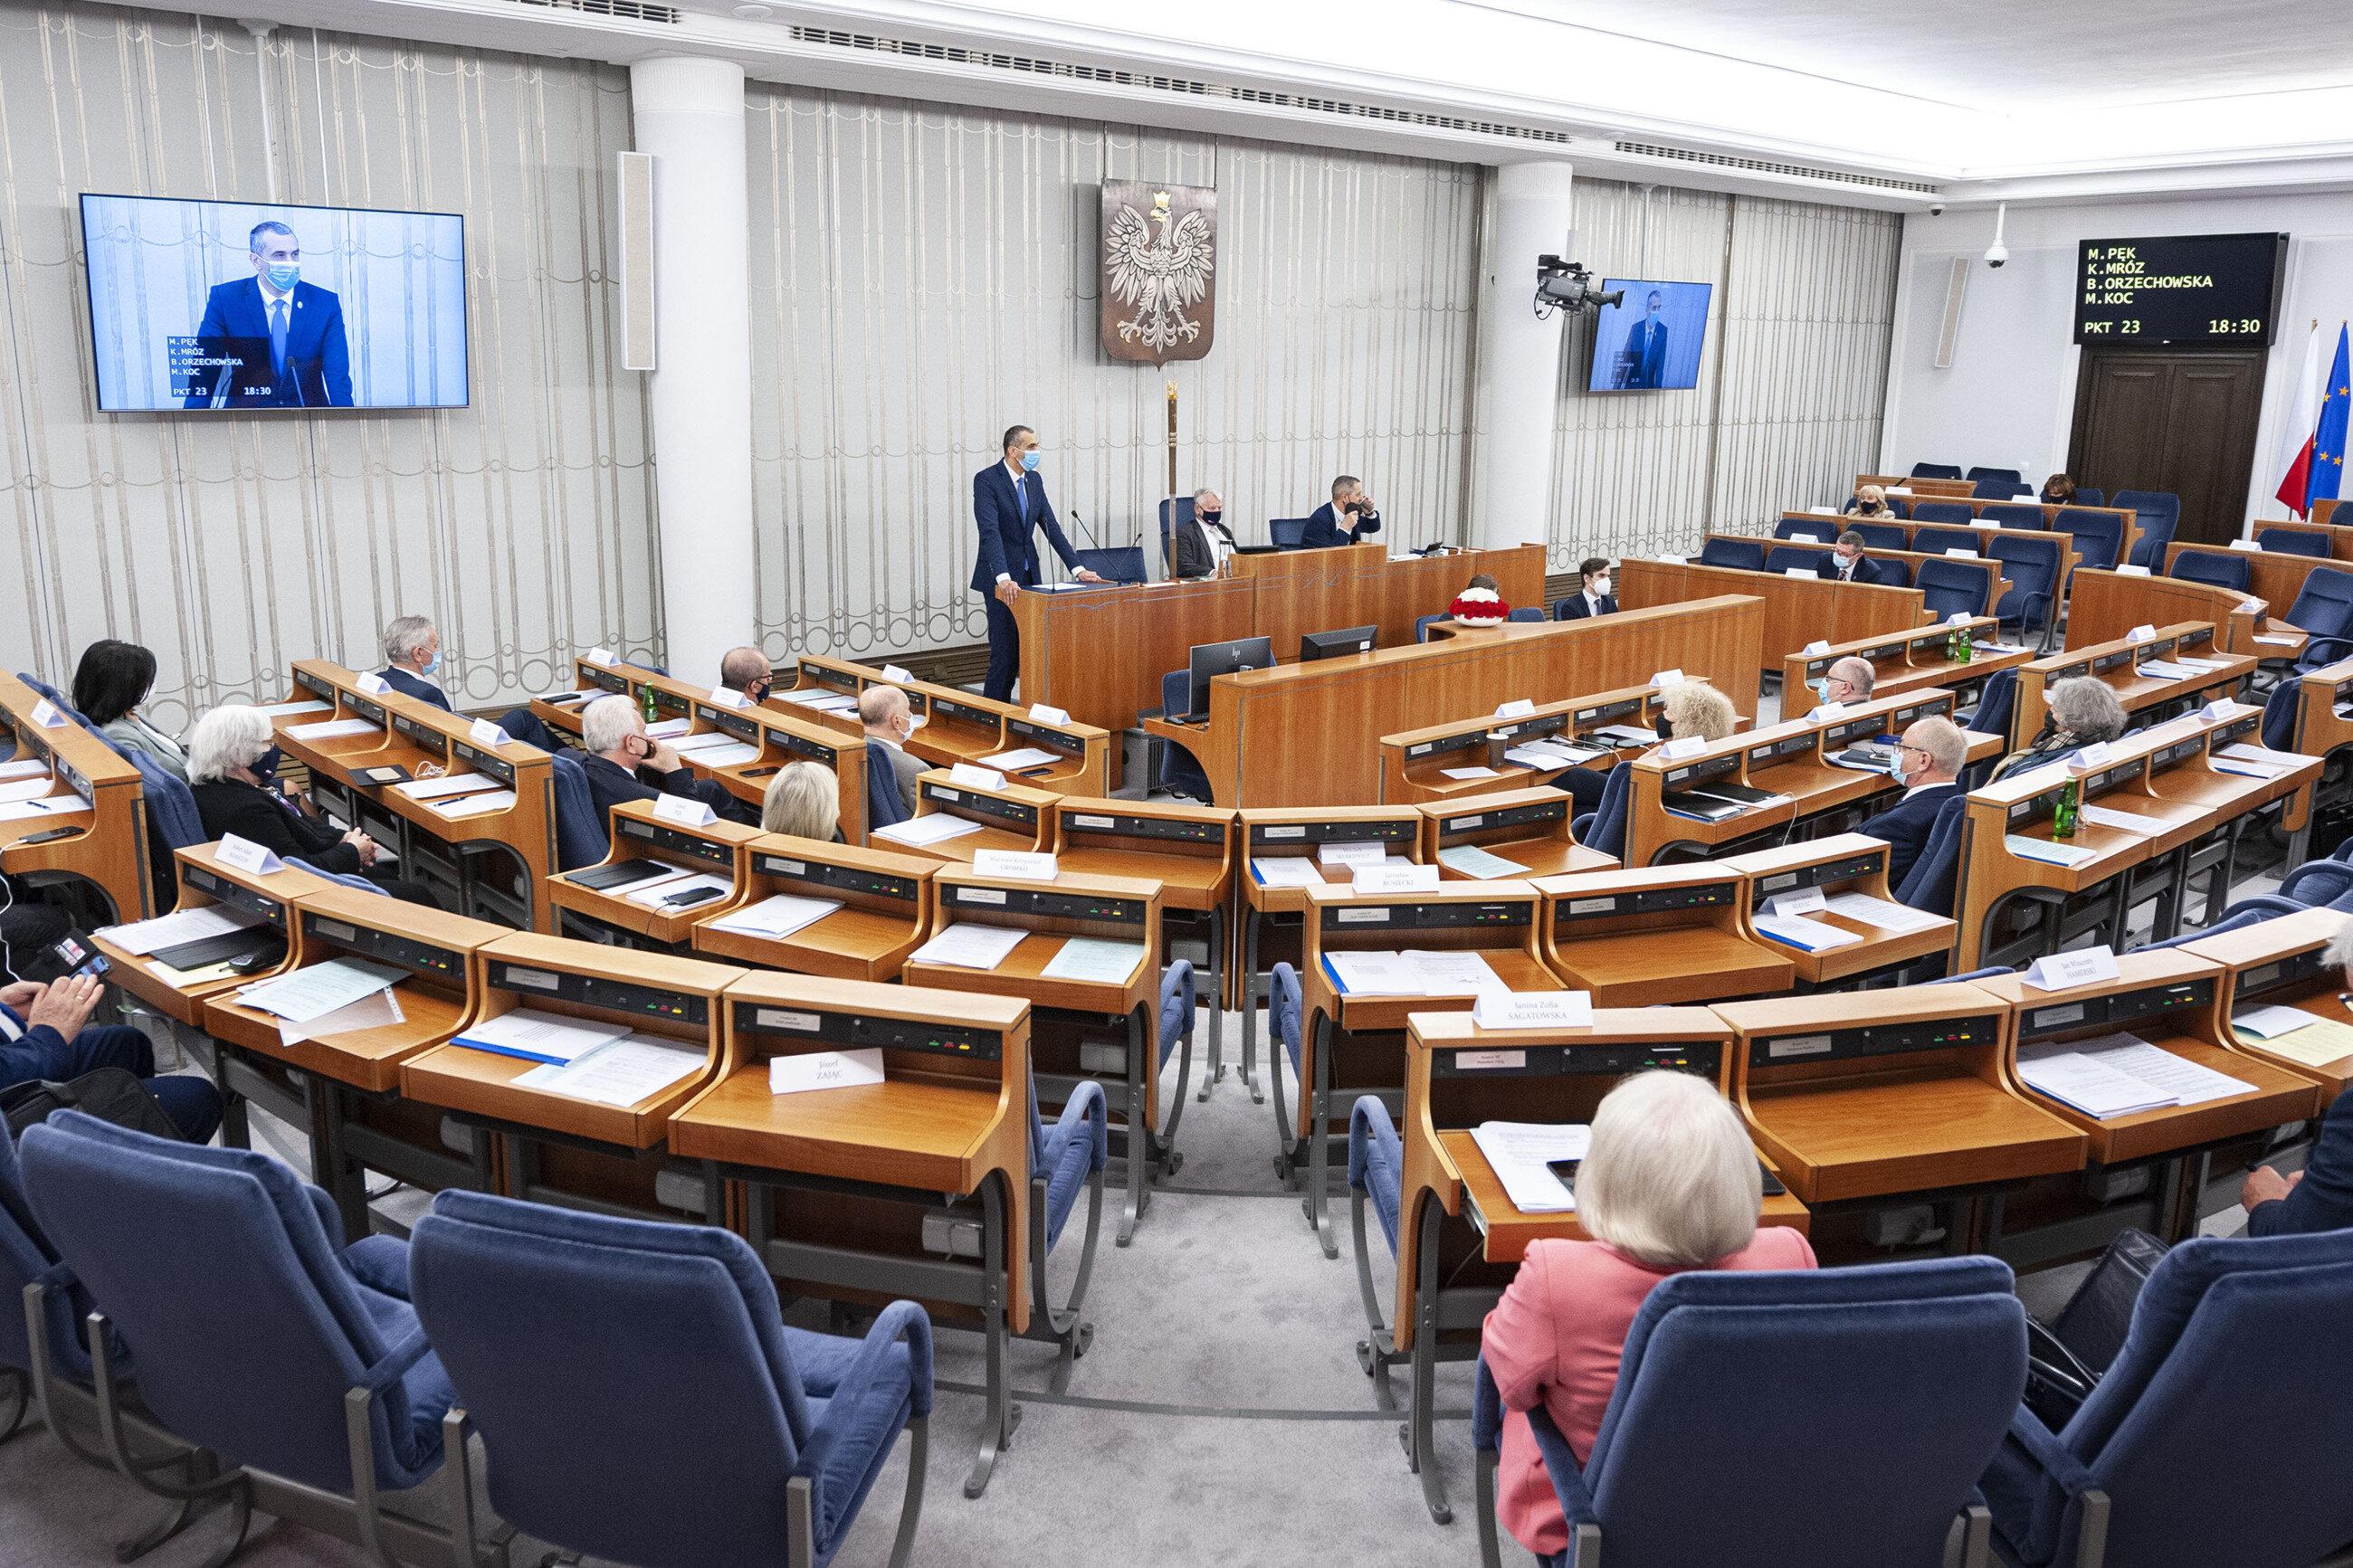 PiS wygrywa głosowanie w Senacie. Trzech senatorów opozycji głosowało z PiS, w tym jeden z KO